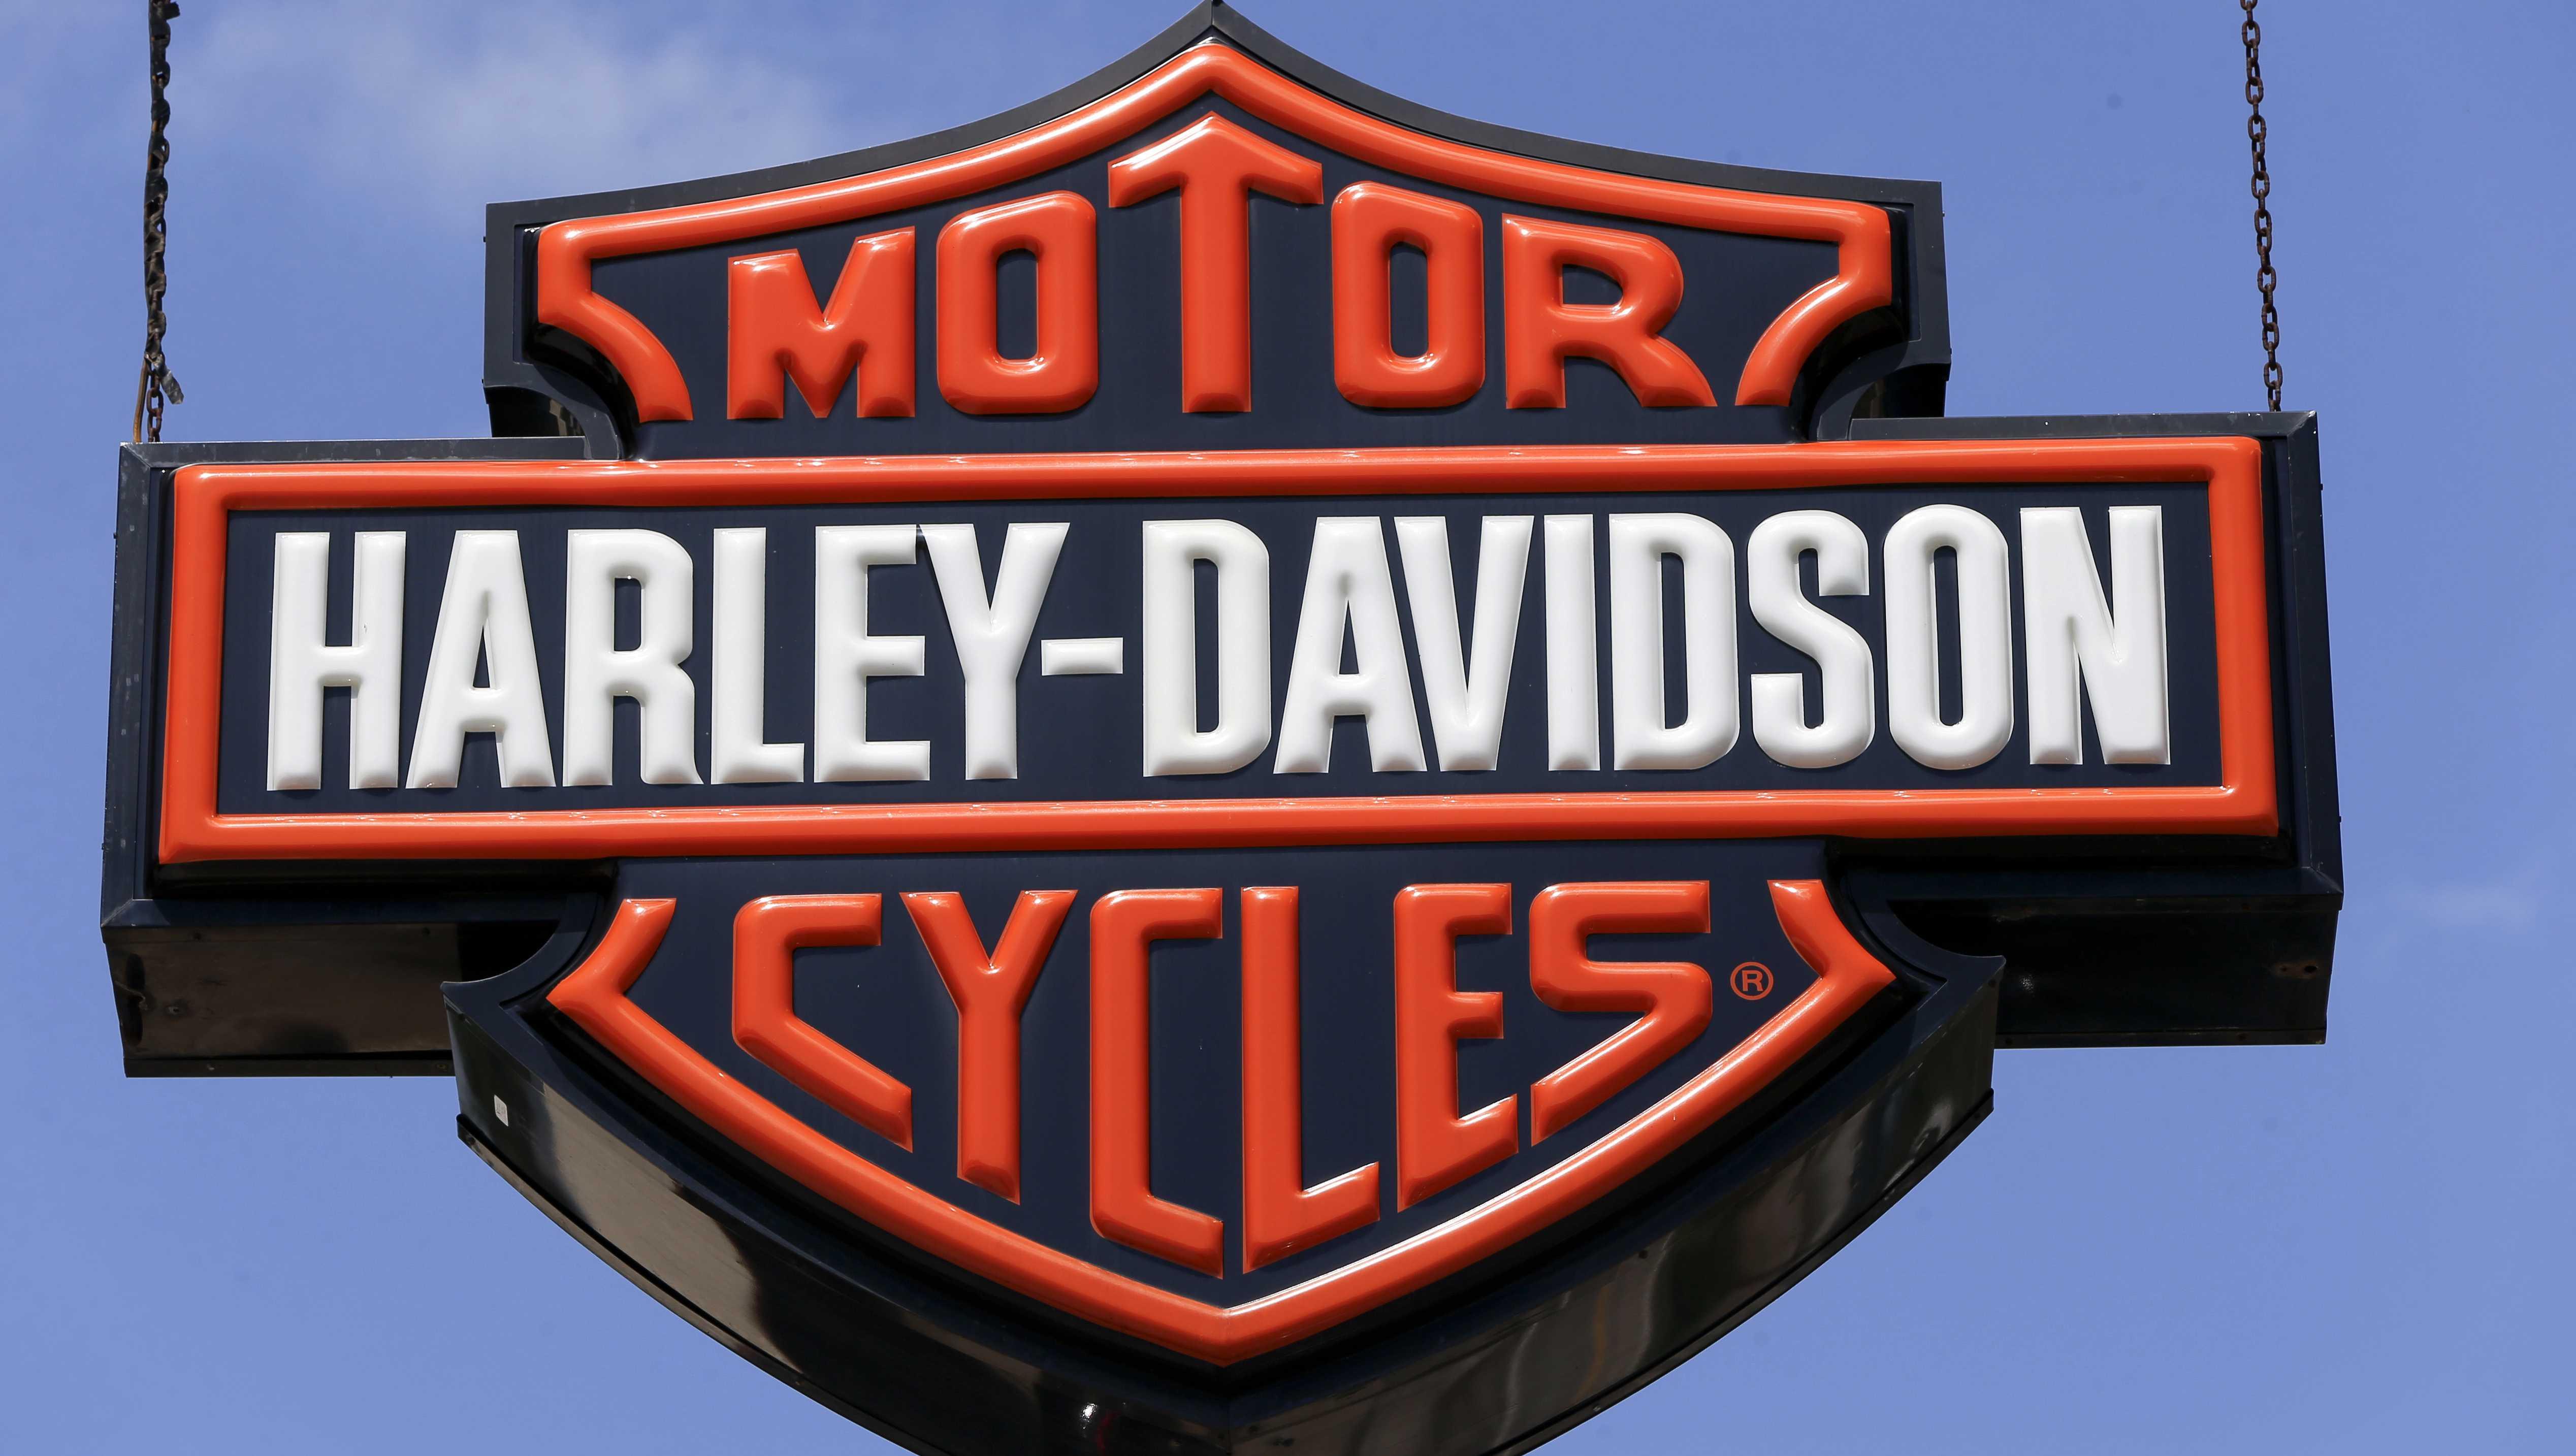 This April 26, 2017 photo shows dealership signs at a Harley-Davidson dealership in Glenshaw, Pa.